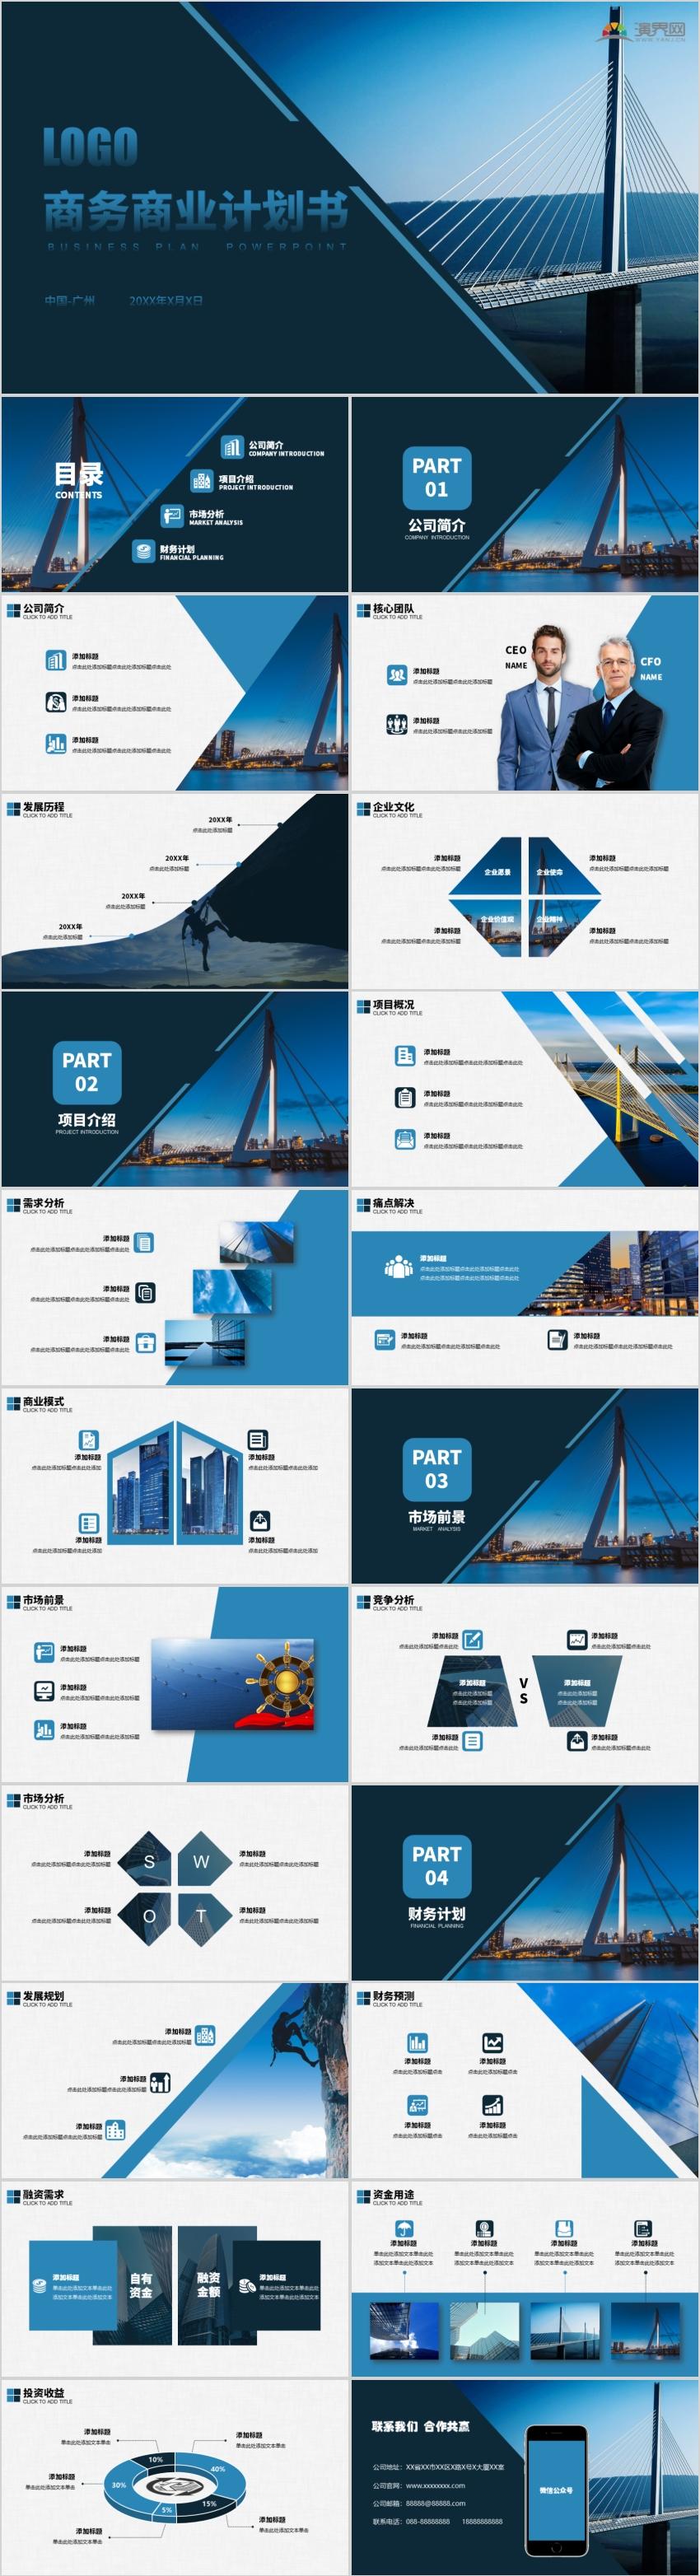 商務大氣商業計劃書項目計劃書創業計劃書創業融資企業介紹PPT動畫模板